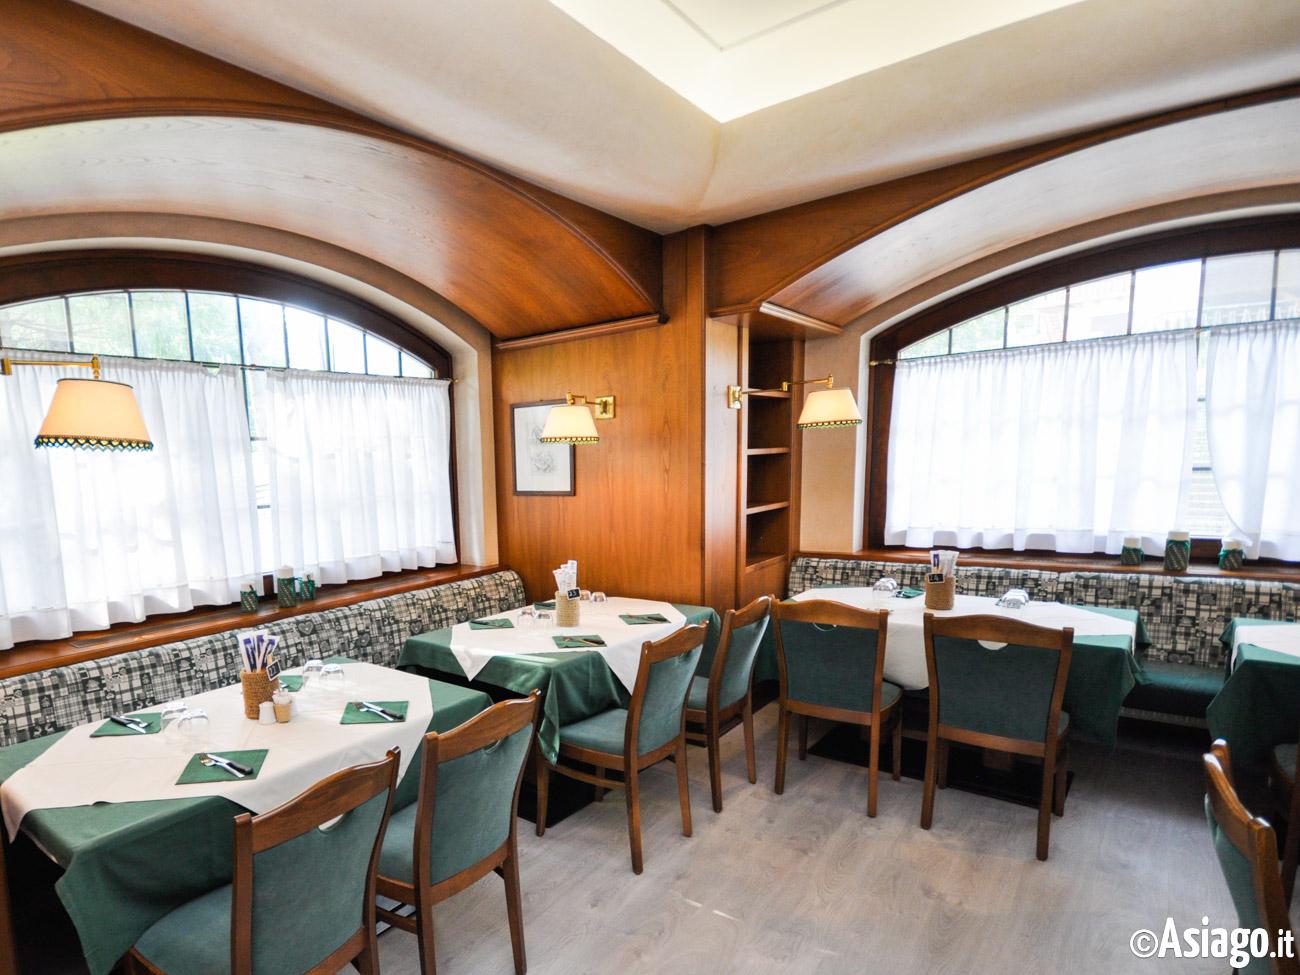 Ristorante pizzeria la lepre bianca altopiano di asiago for Sala da pranzo bianca